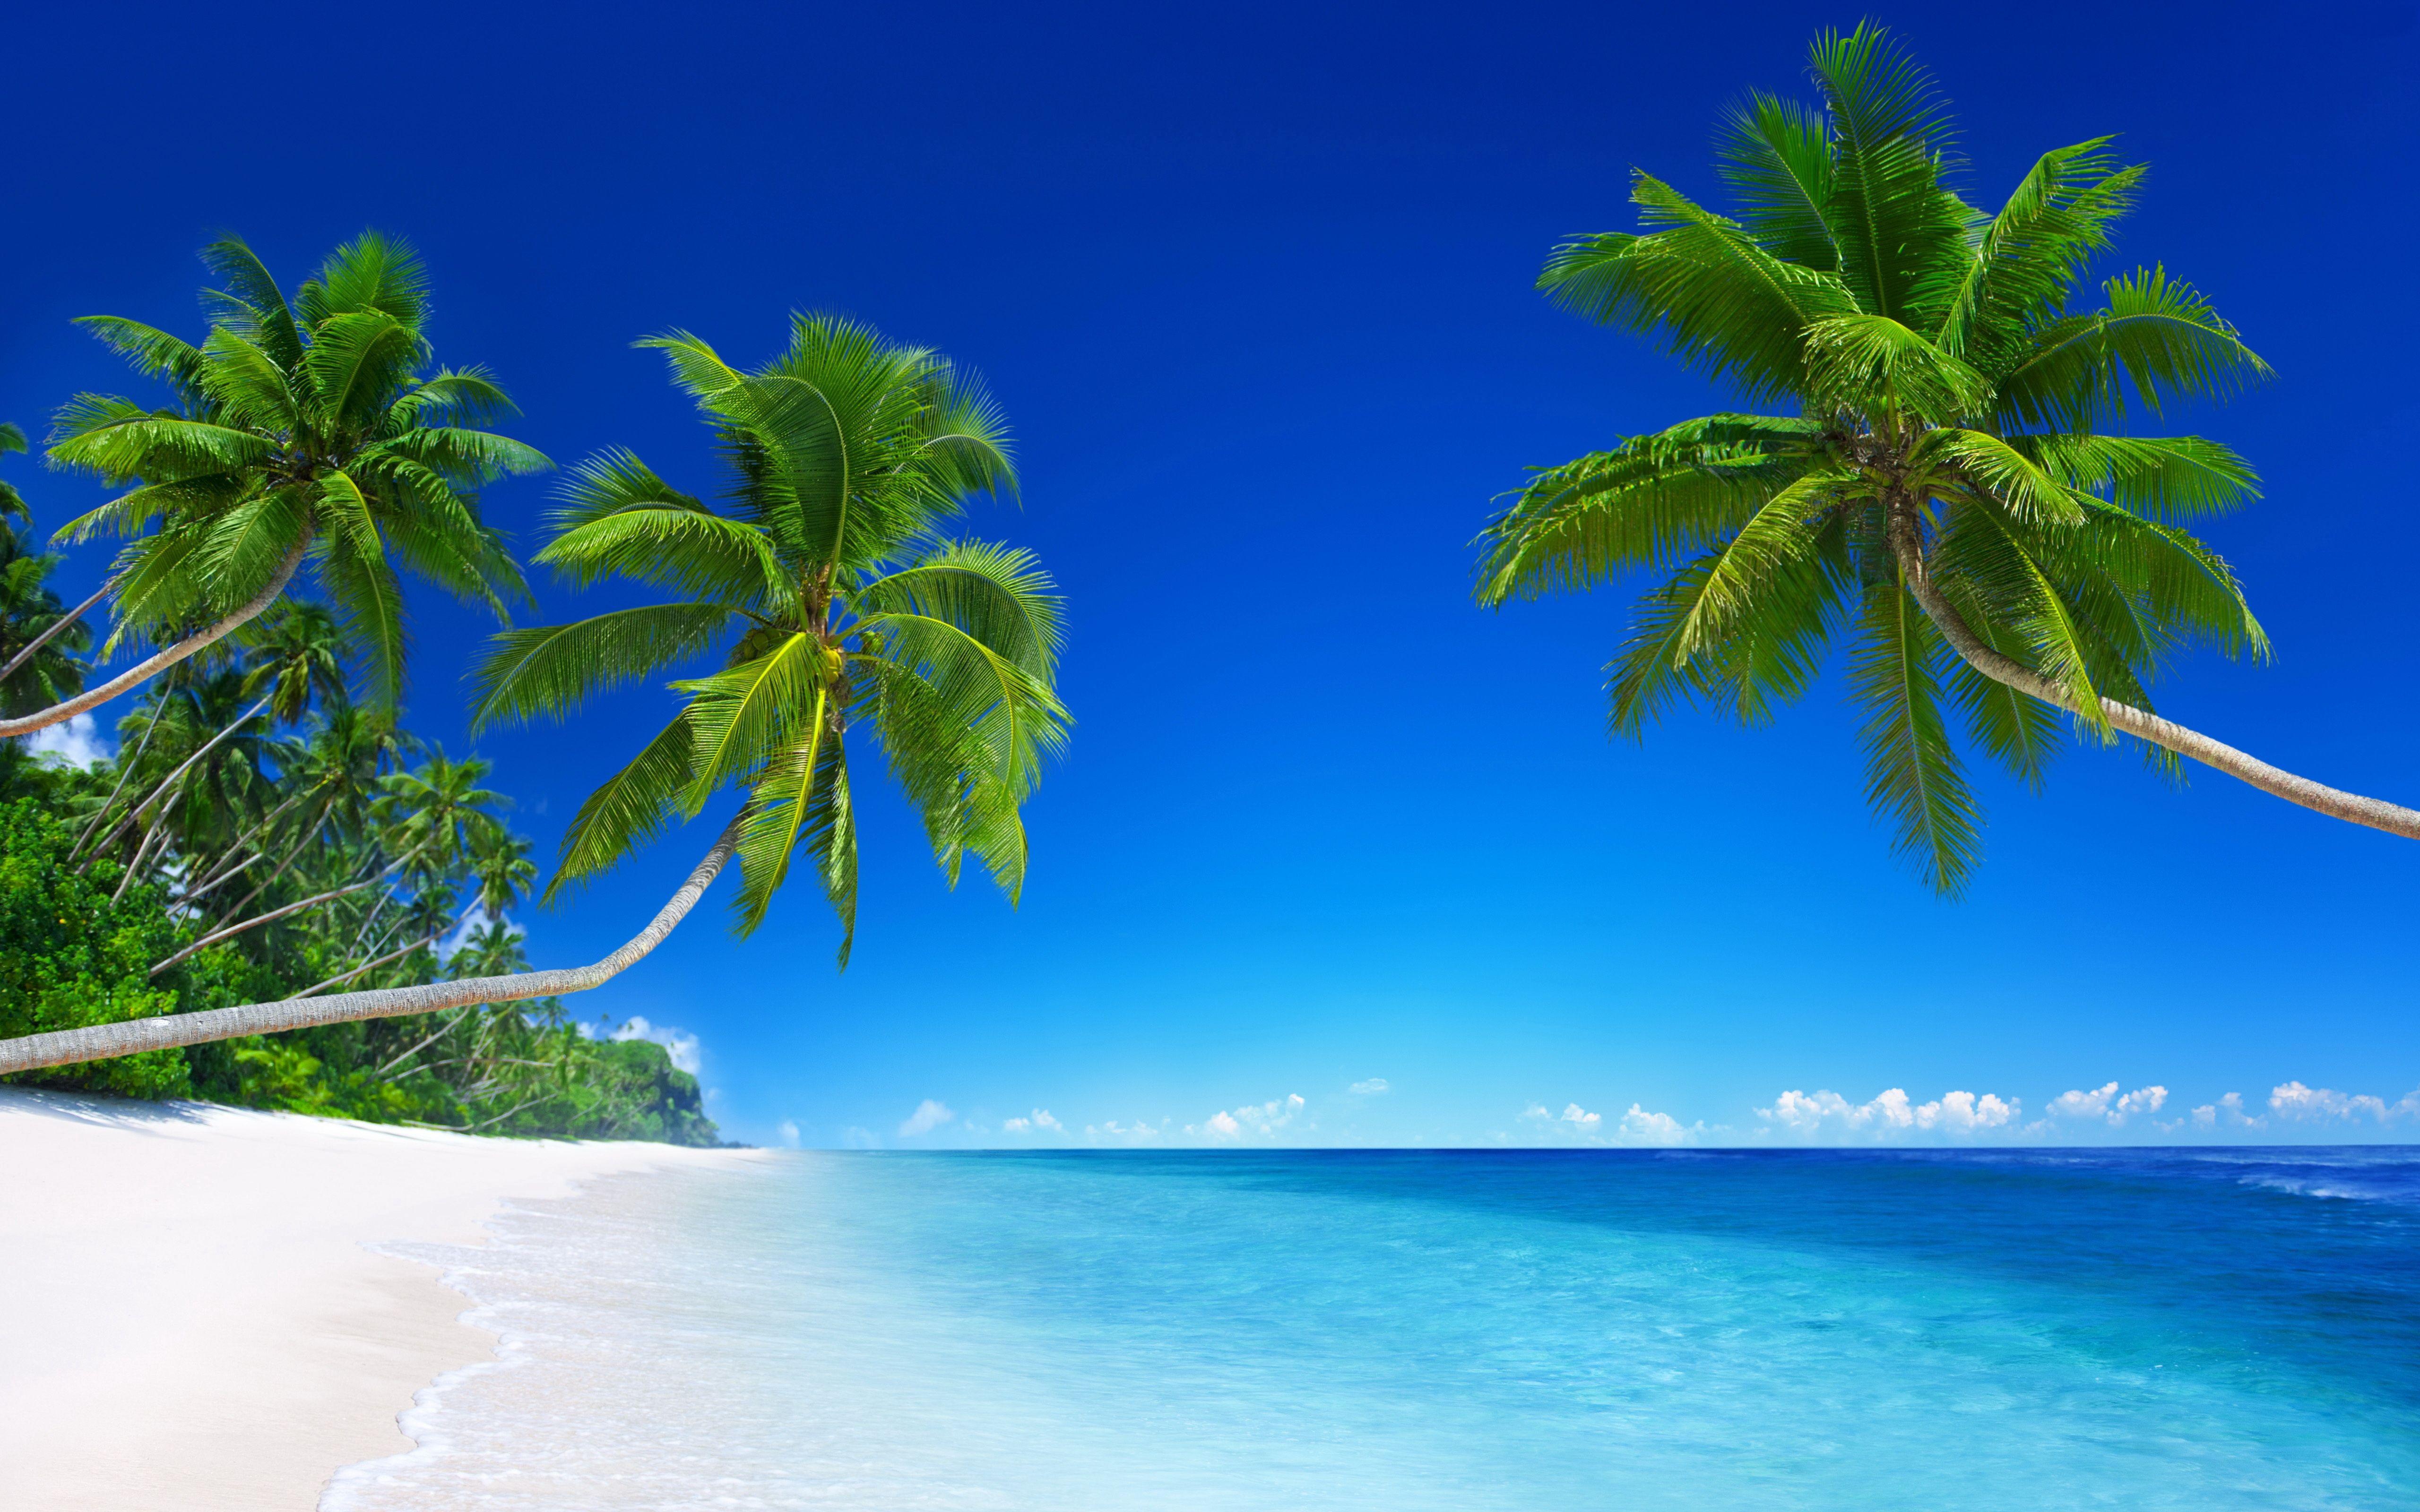 12K Beach Wallpapers   Top Free 12K Beach Backgrounds   WallpaperAccess